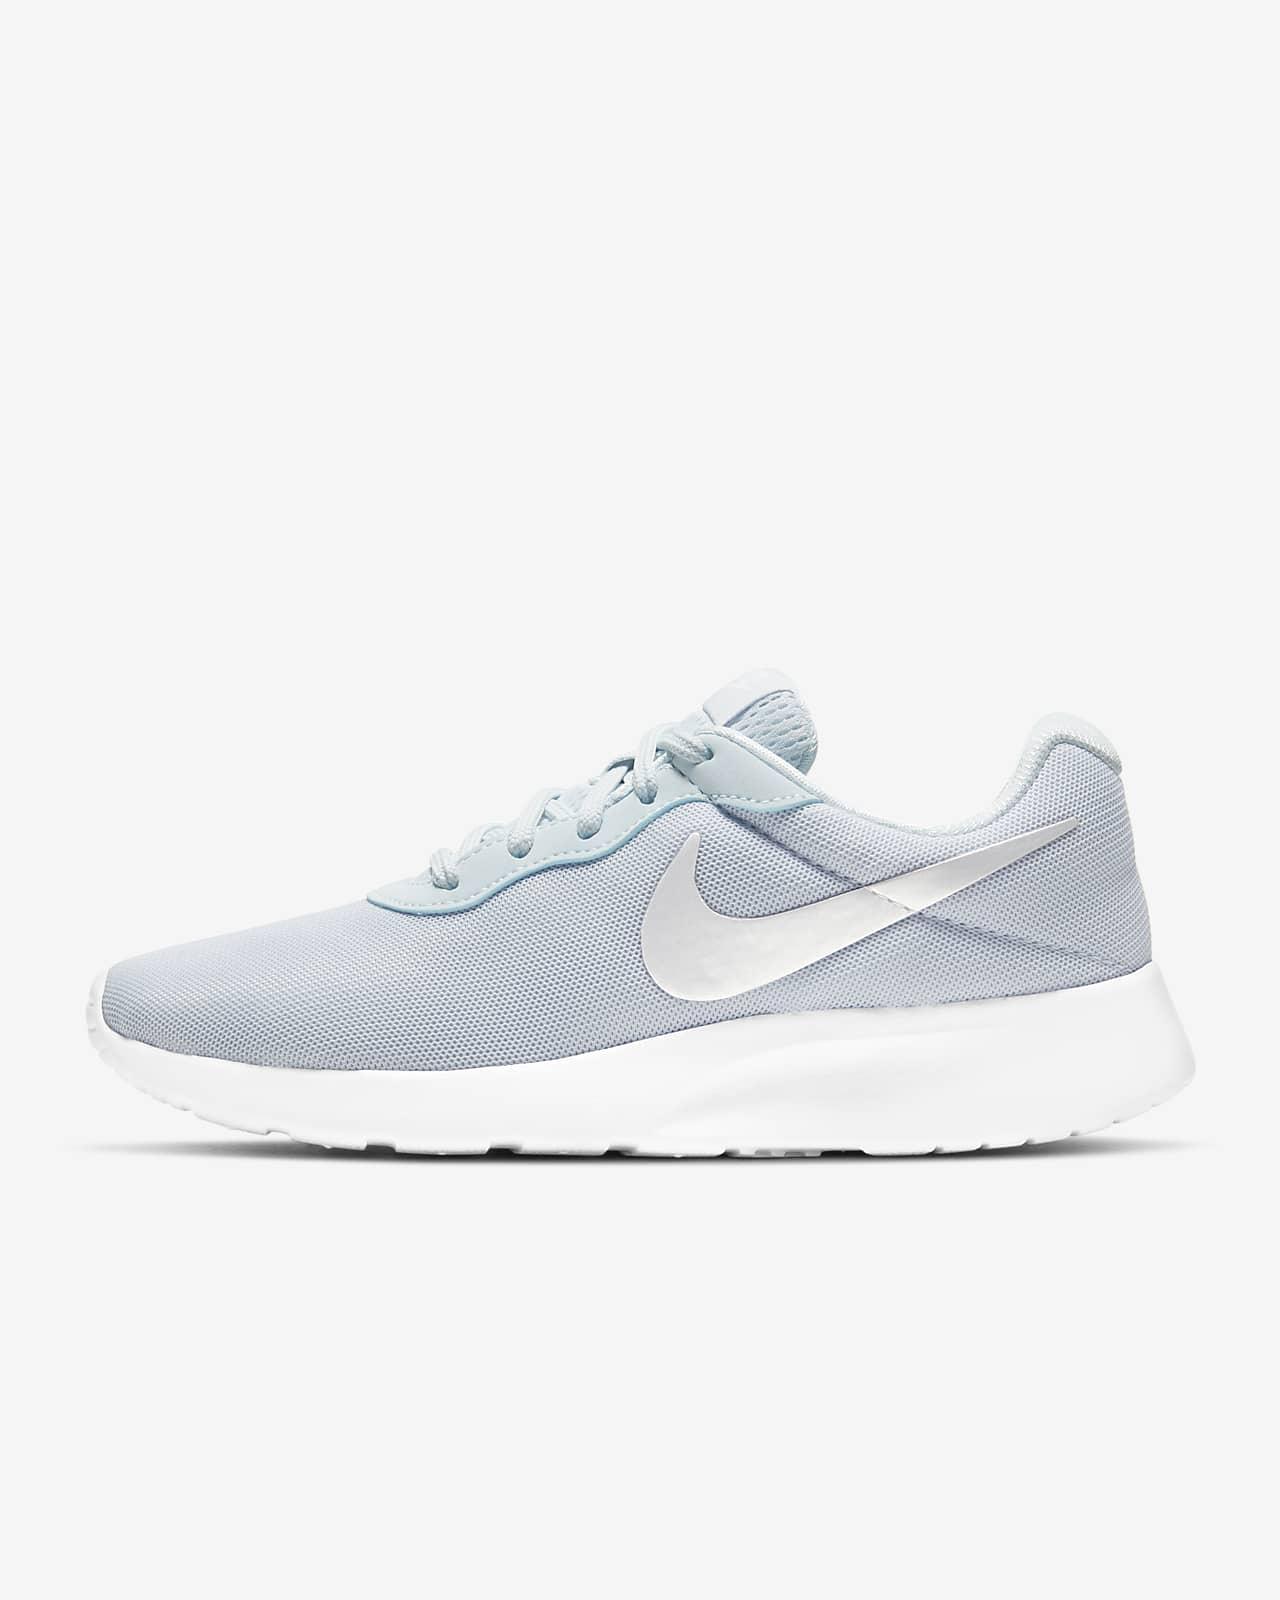 Γυναικείο παπούτσι Nike Tanjun